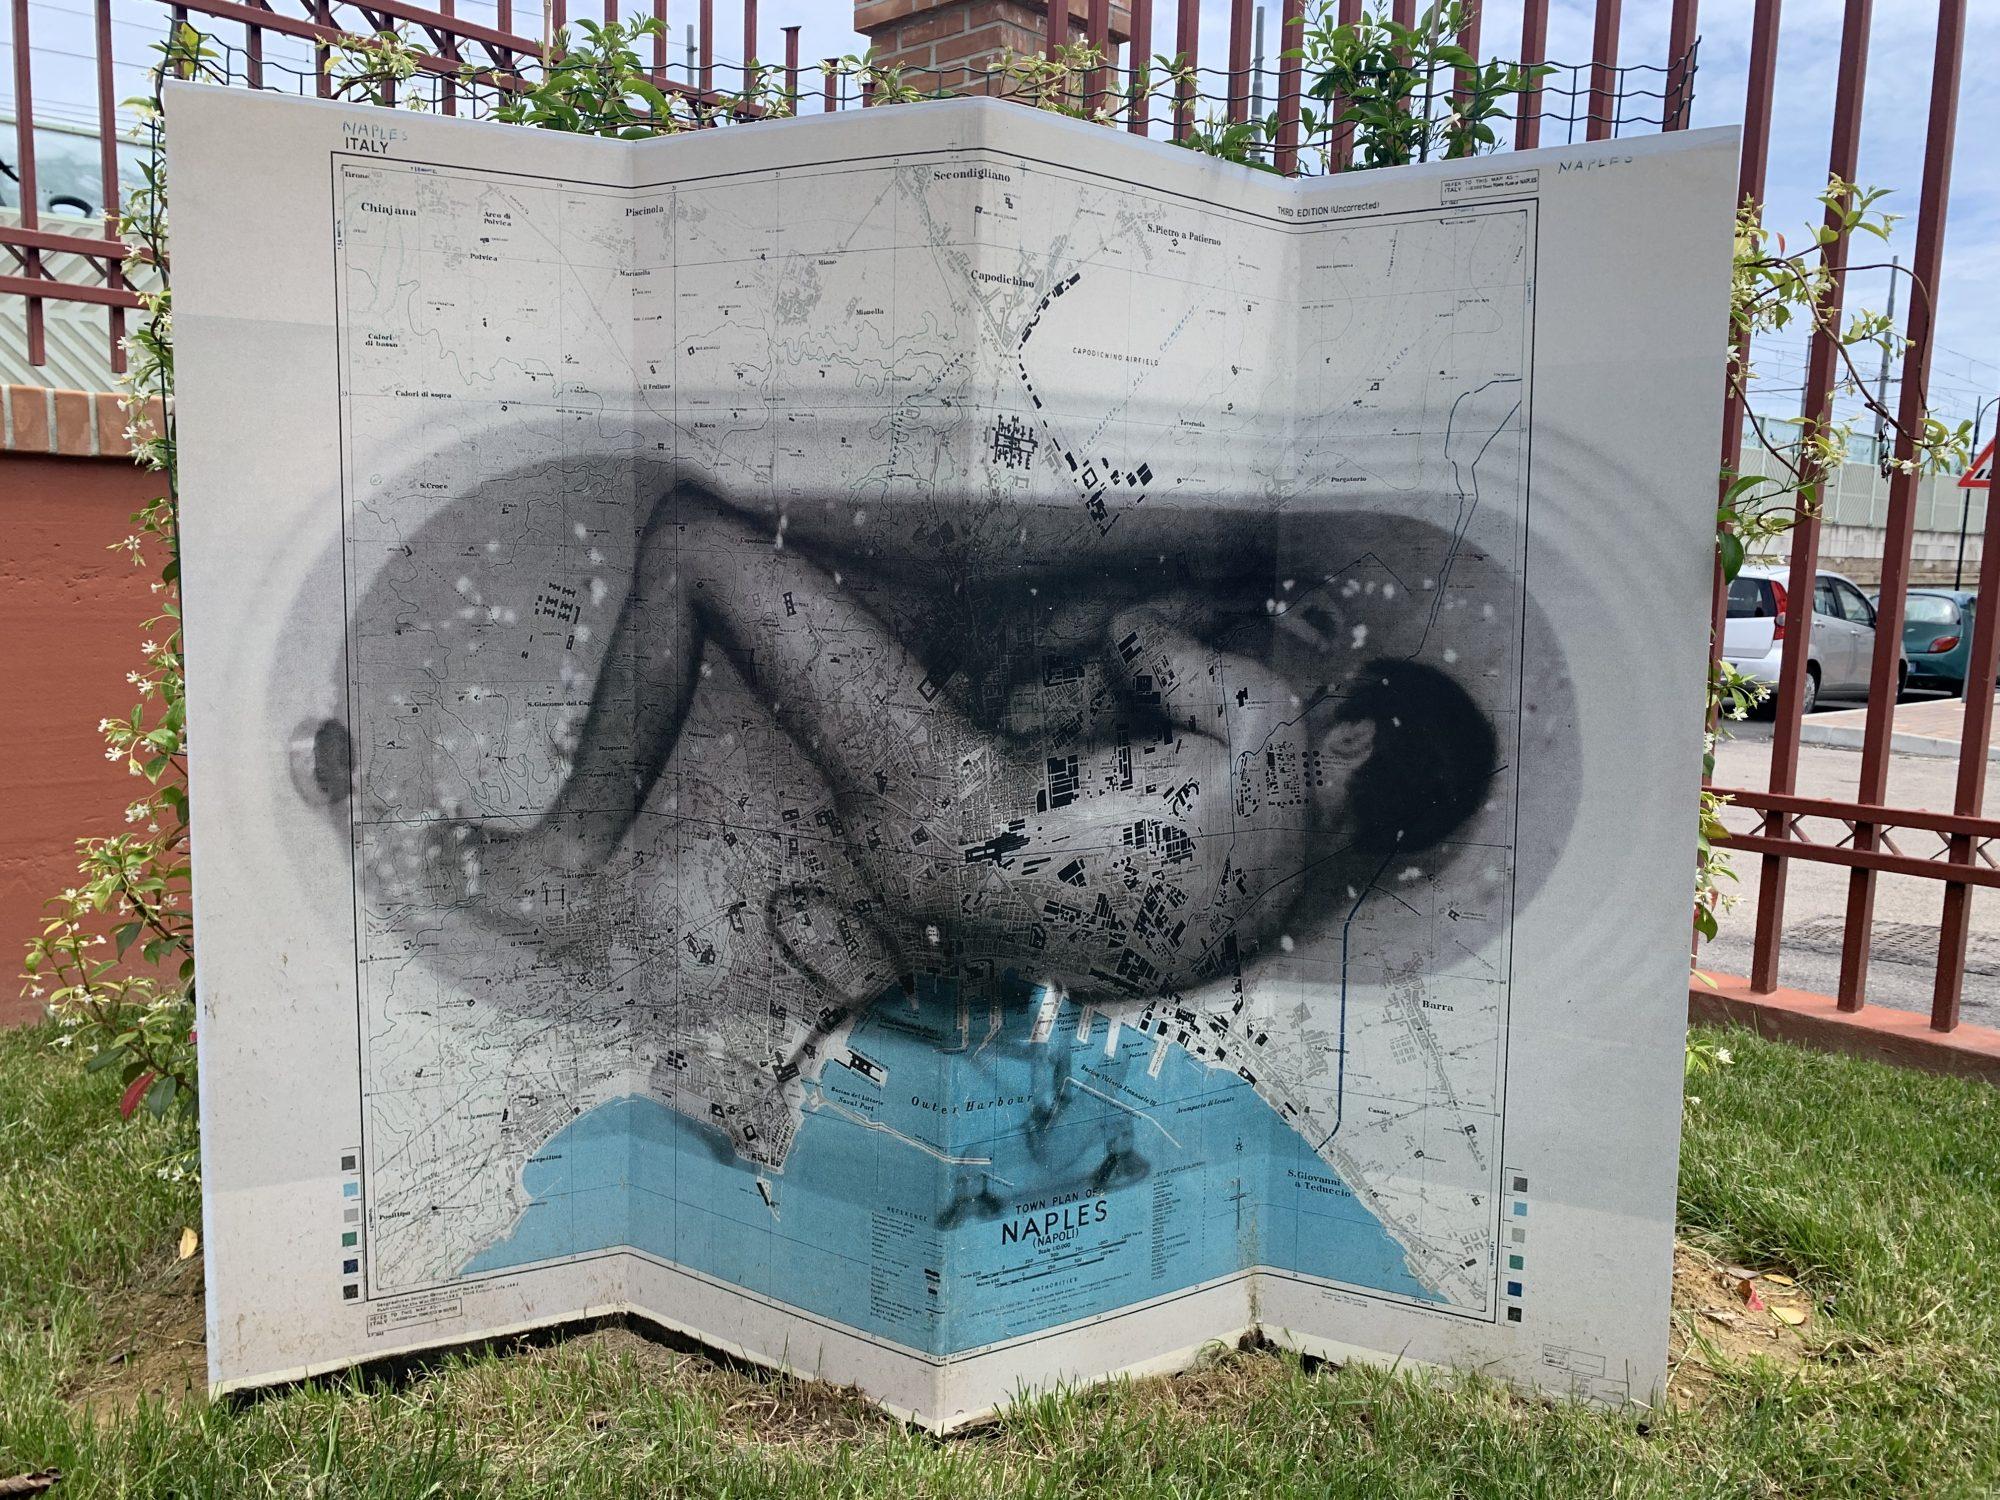 Pierpaolo Maria Perrone, Geografie Emotive - In Utero, I Giardini di via Caravaggio, Pescara 2019